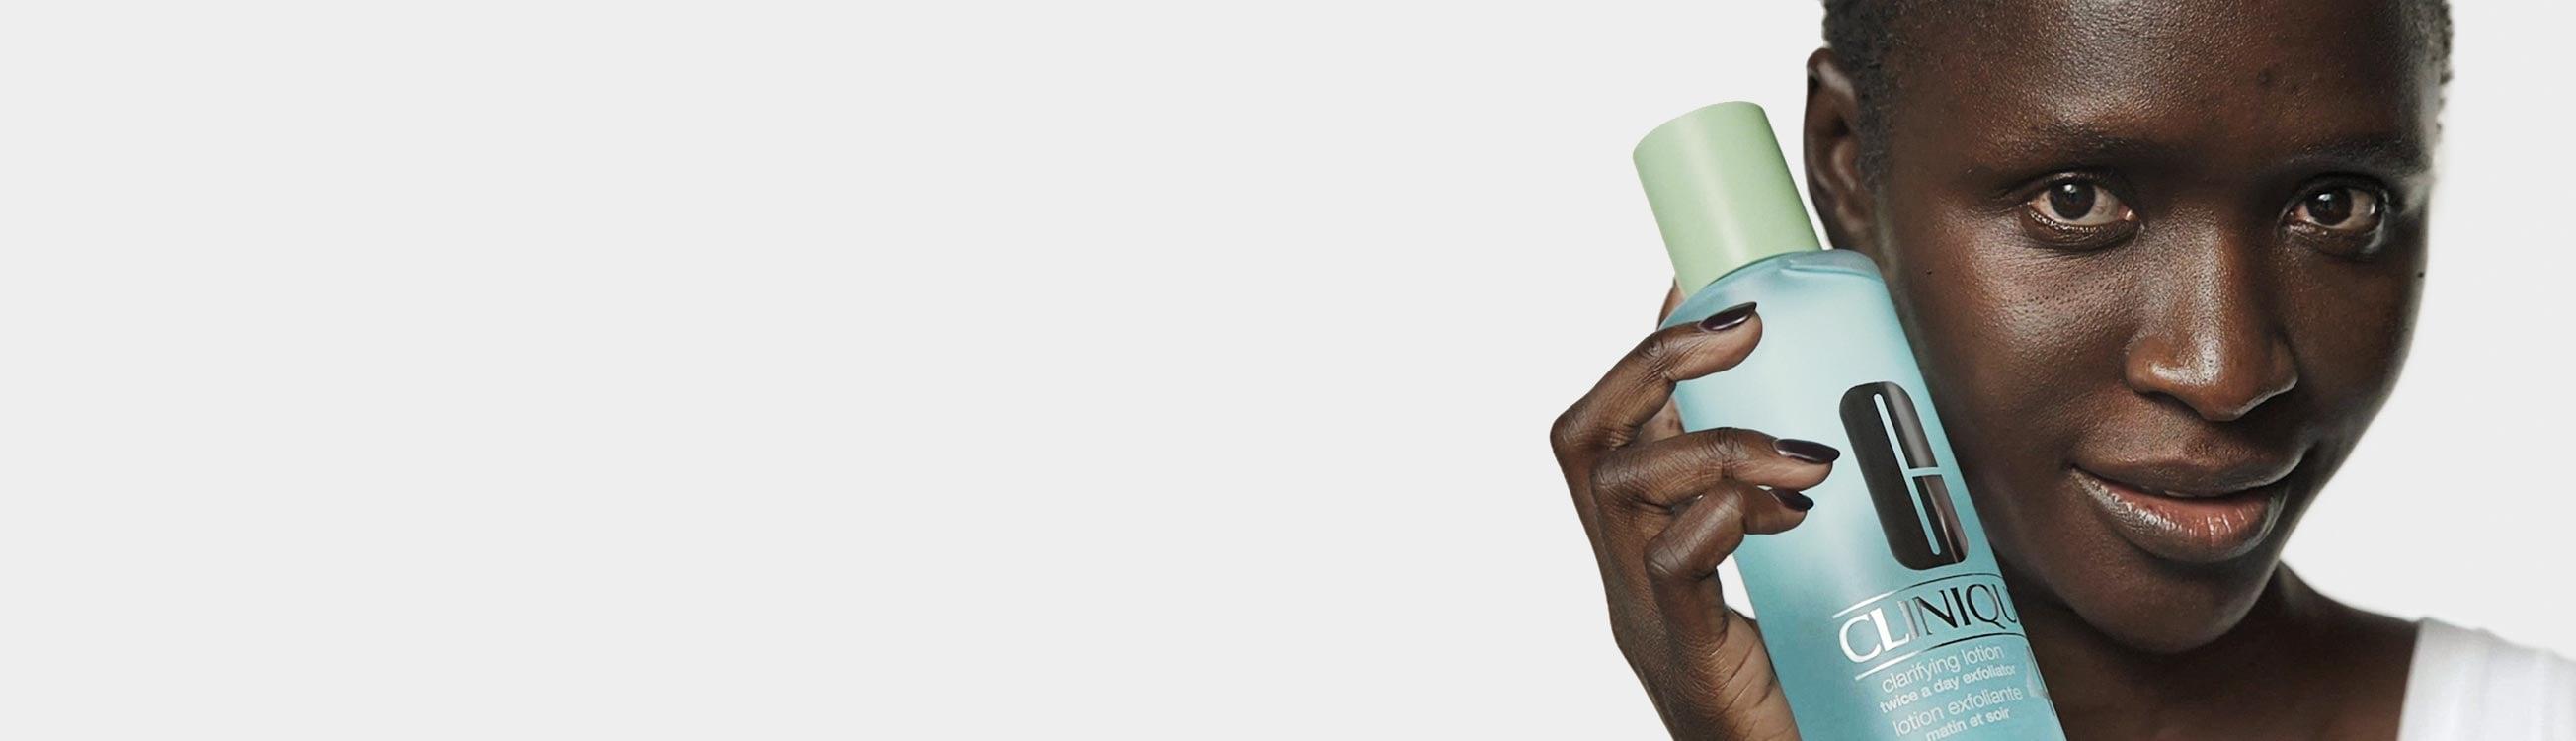 La marque de lotion tonique/clarifianten°1 au Canada*